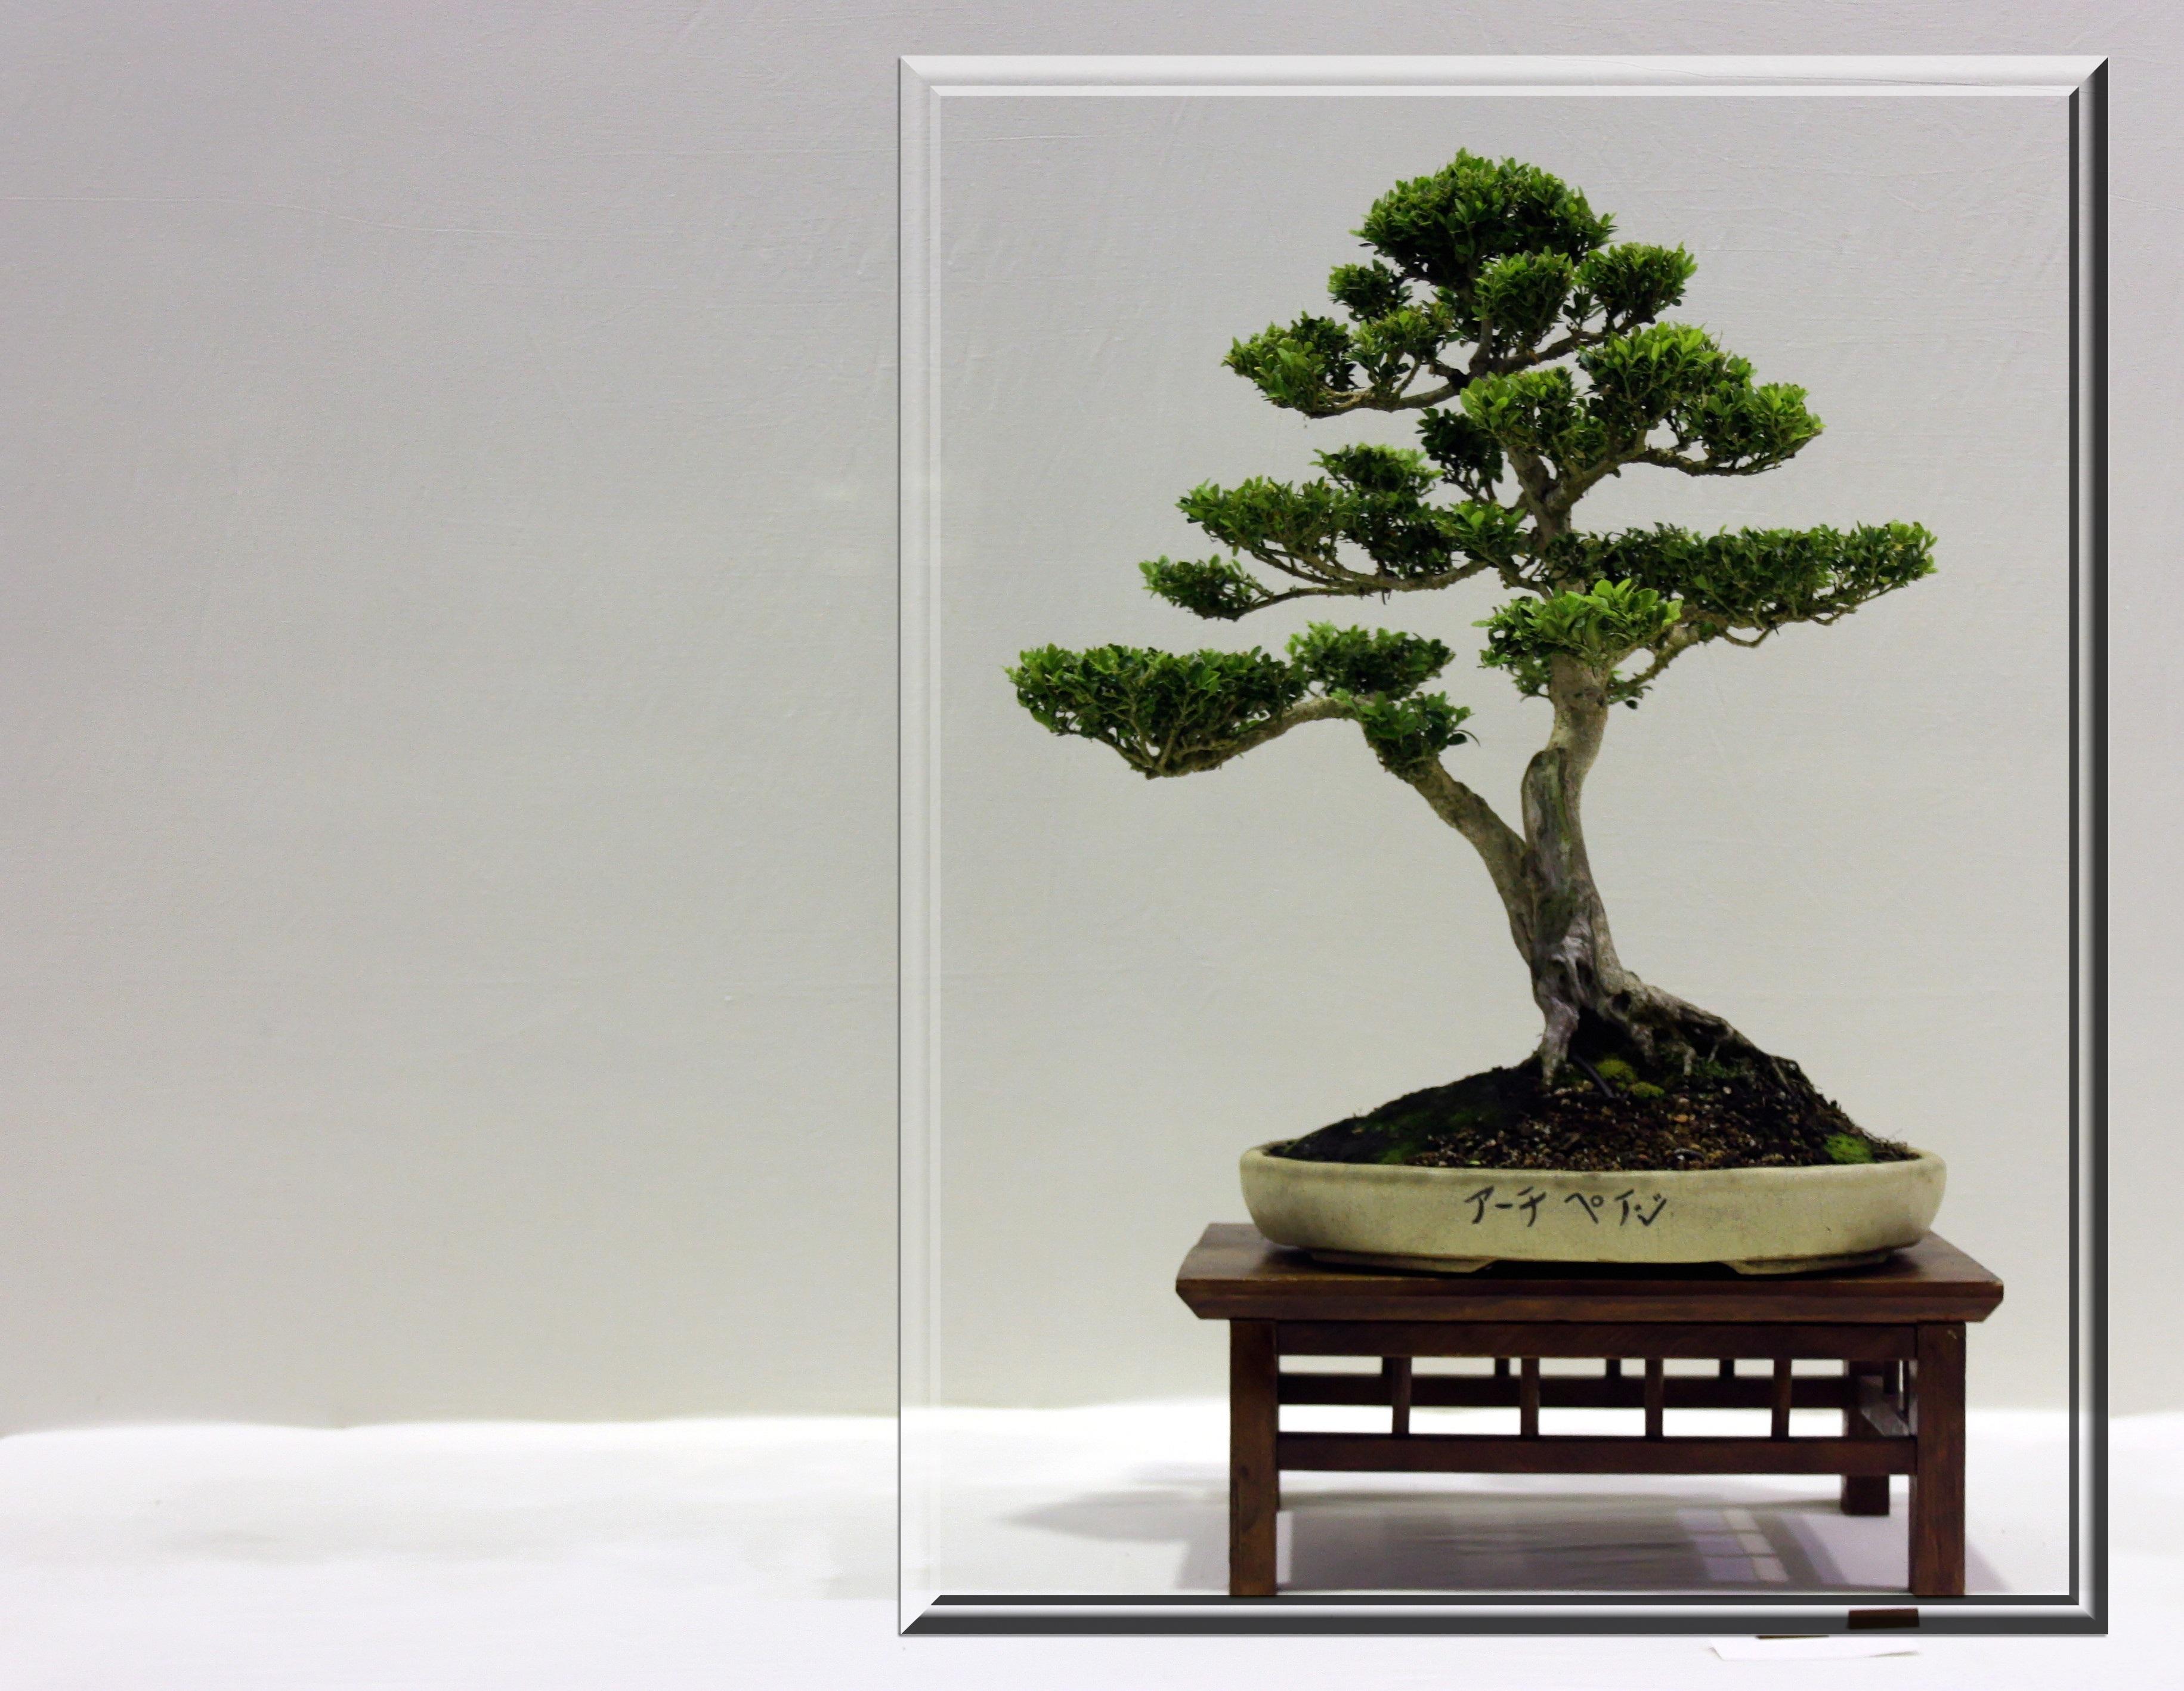 kostenlose foto baum pflanze kofferraum klein rahmen zimmerpflanze japanisch ge st. Black Bedroom Furniture Sets. Home Design Ideas